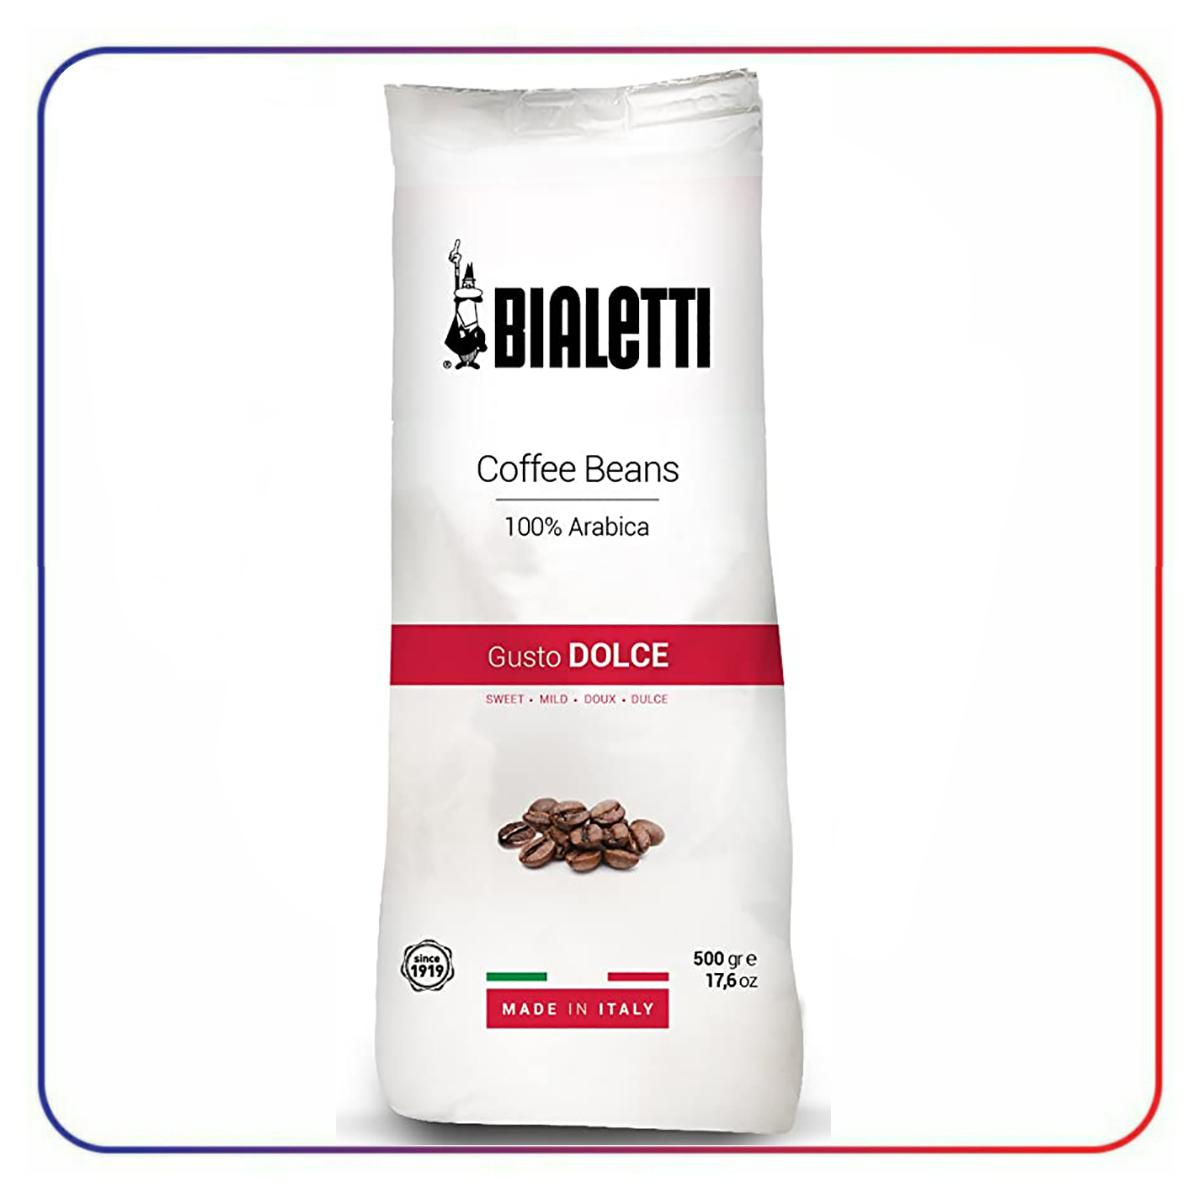 دانه قهوه بیالتی گوست دلچه BIALETTI GUST DOLCE